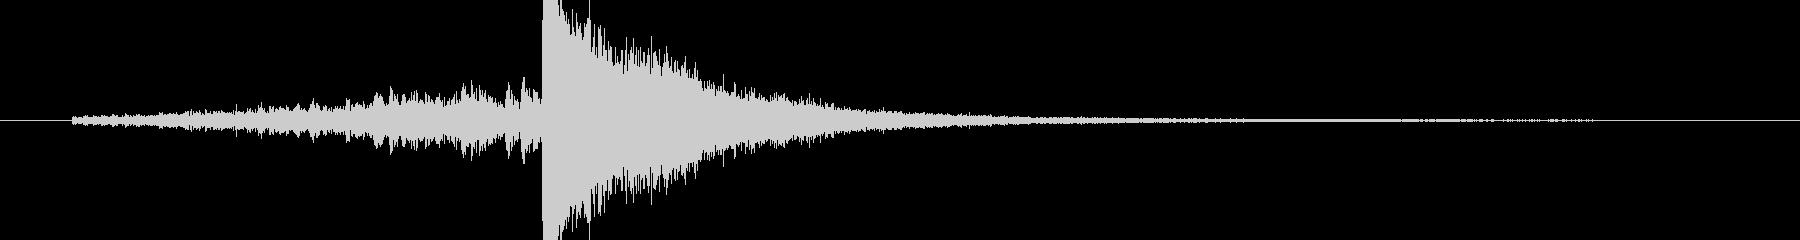 ドラムロール 短め シンバルの未再生の波形